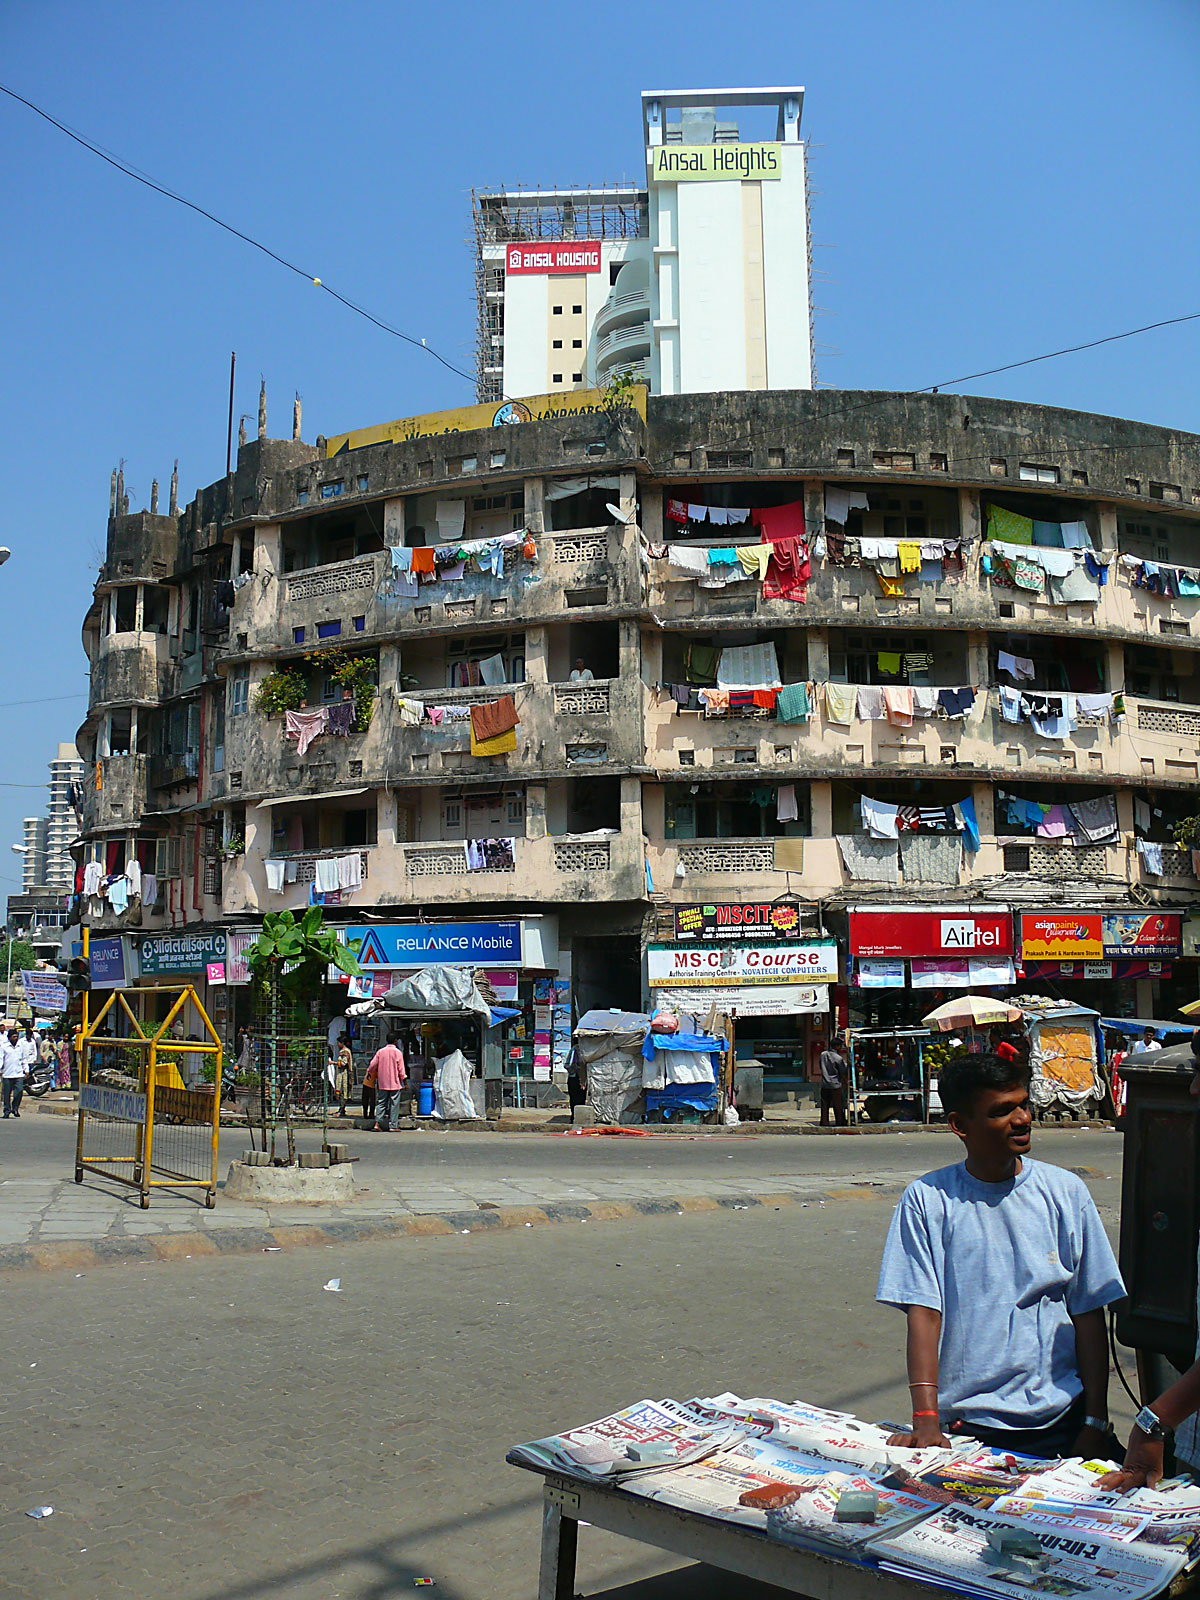 INDIEN MUMBAI Menschen Wohnen FINEST-onTour P1030367.jpg